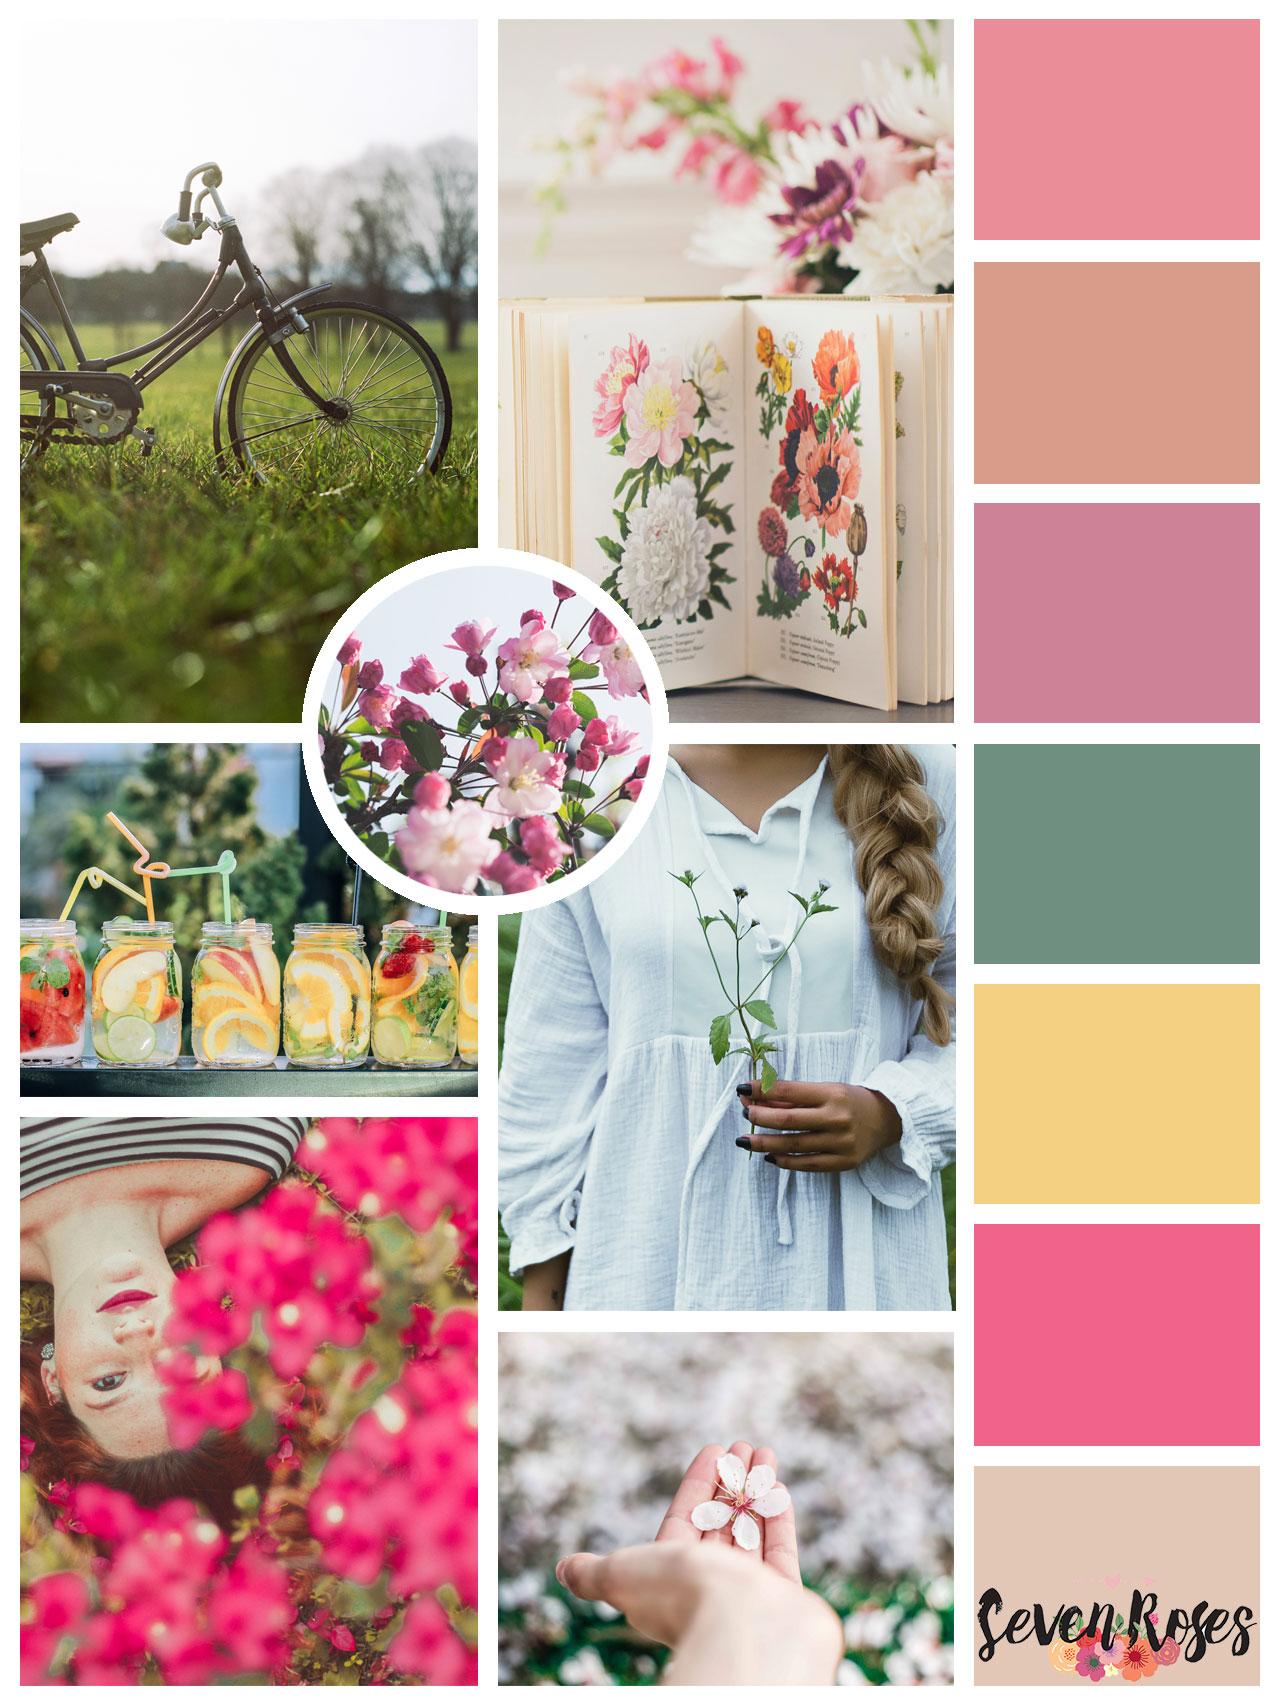 Spring moodboard + color palette